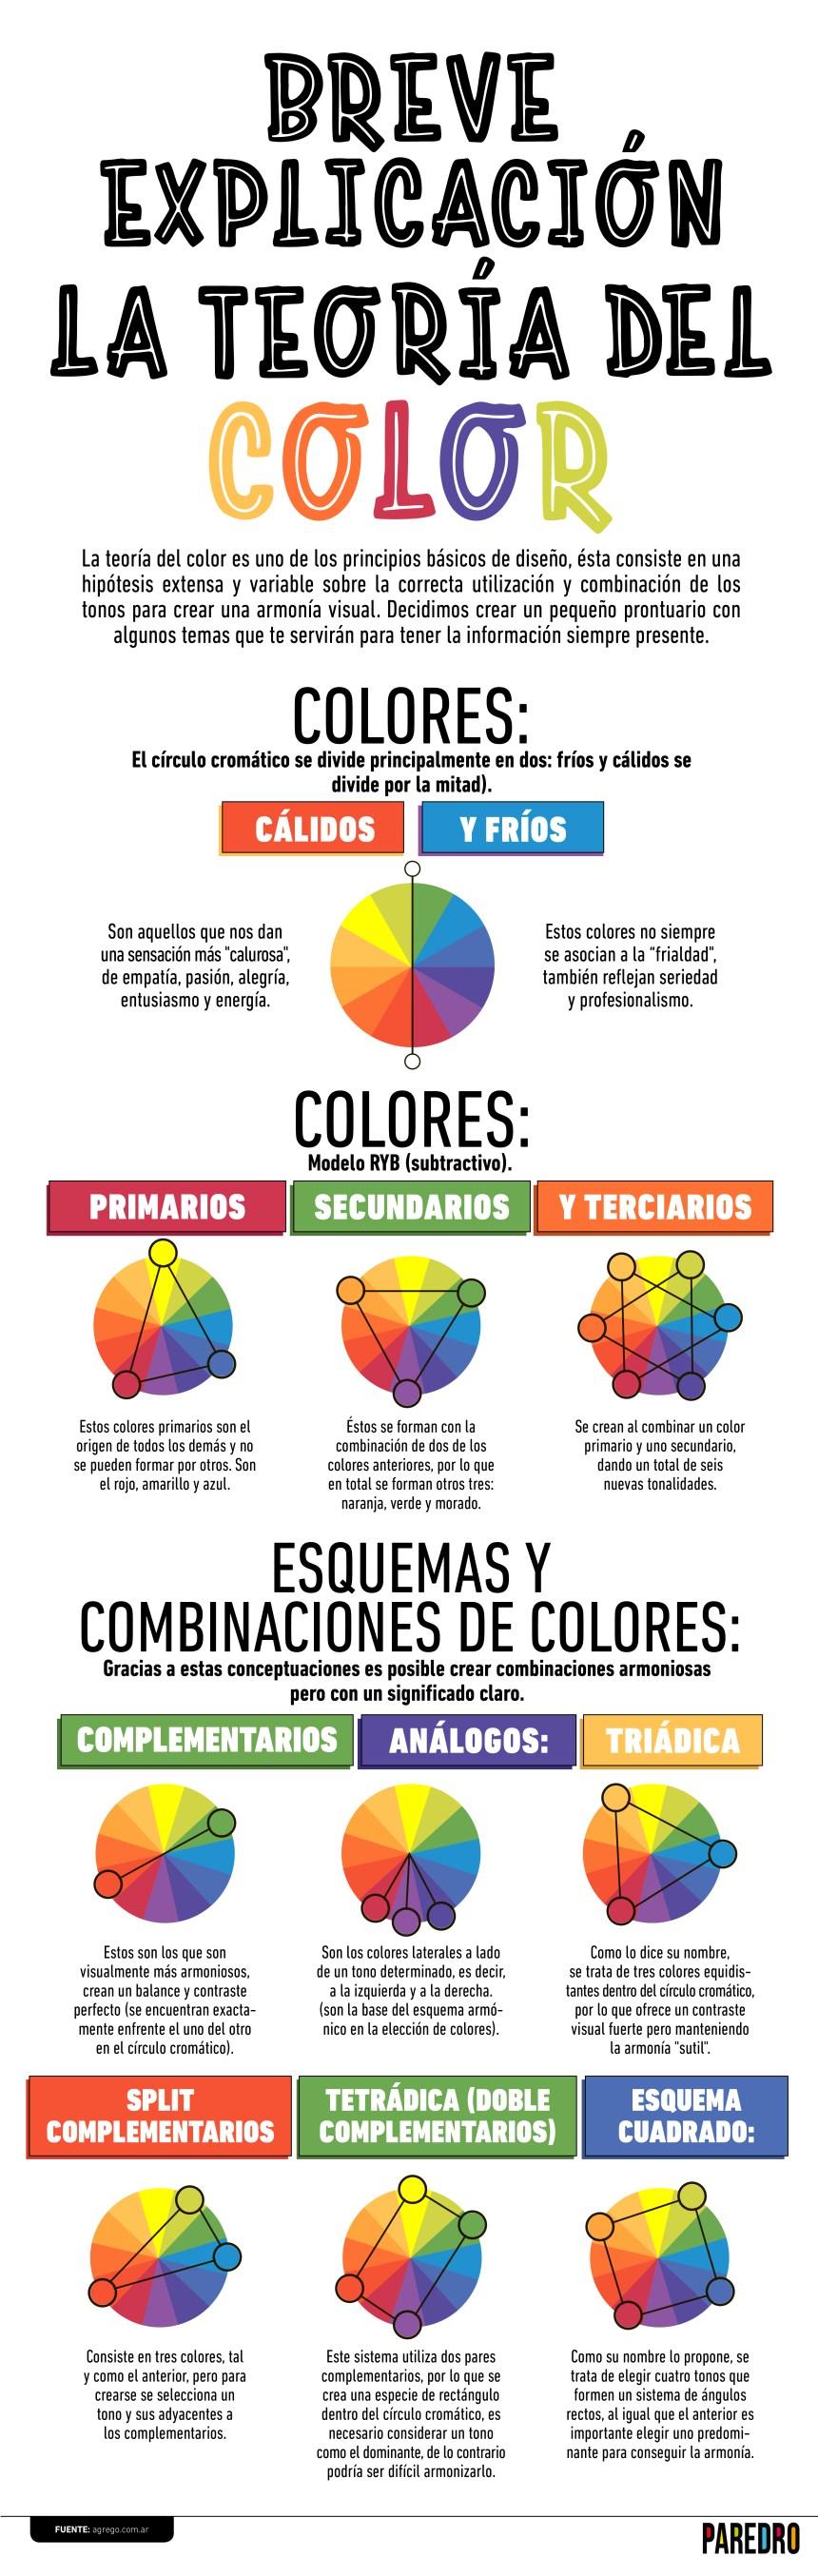 Breve explicación de la teoría del color